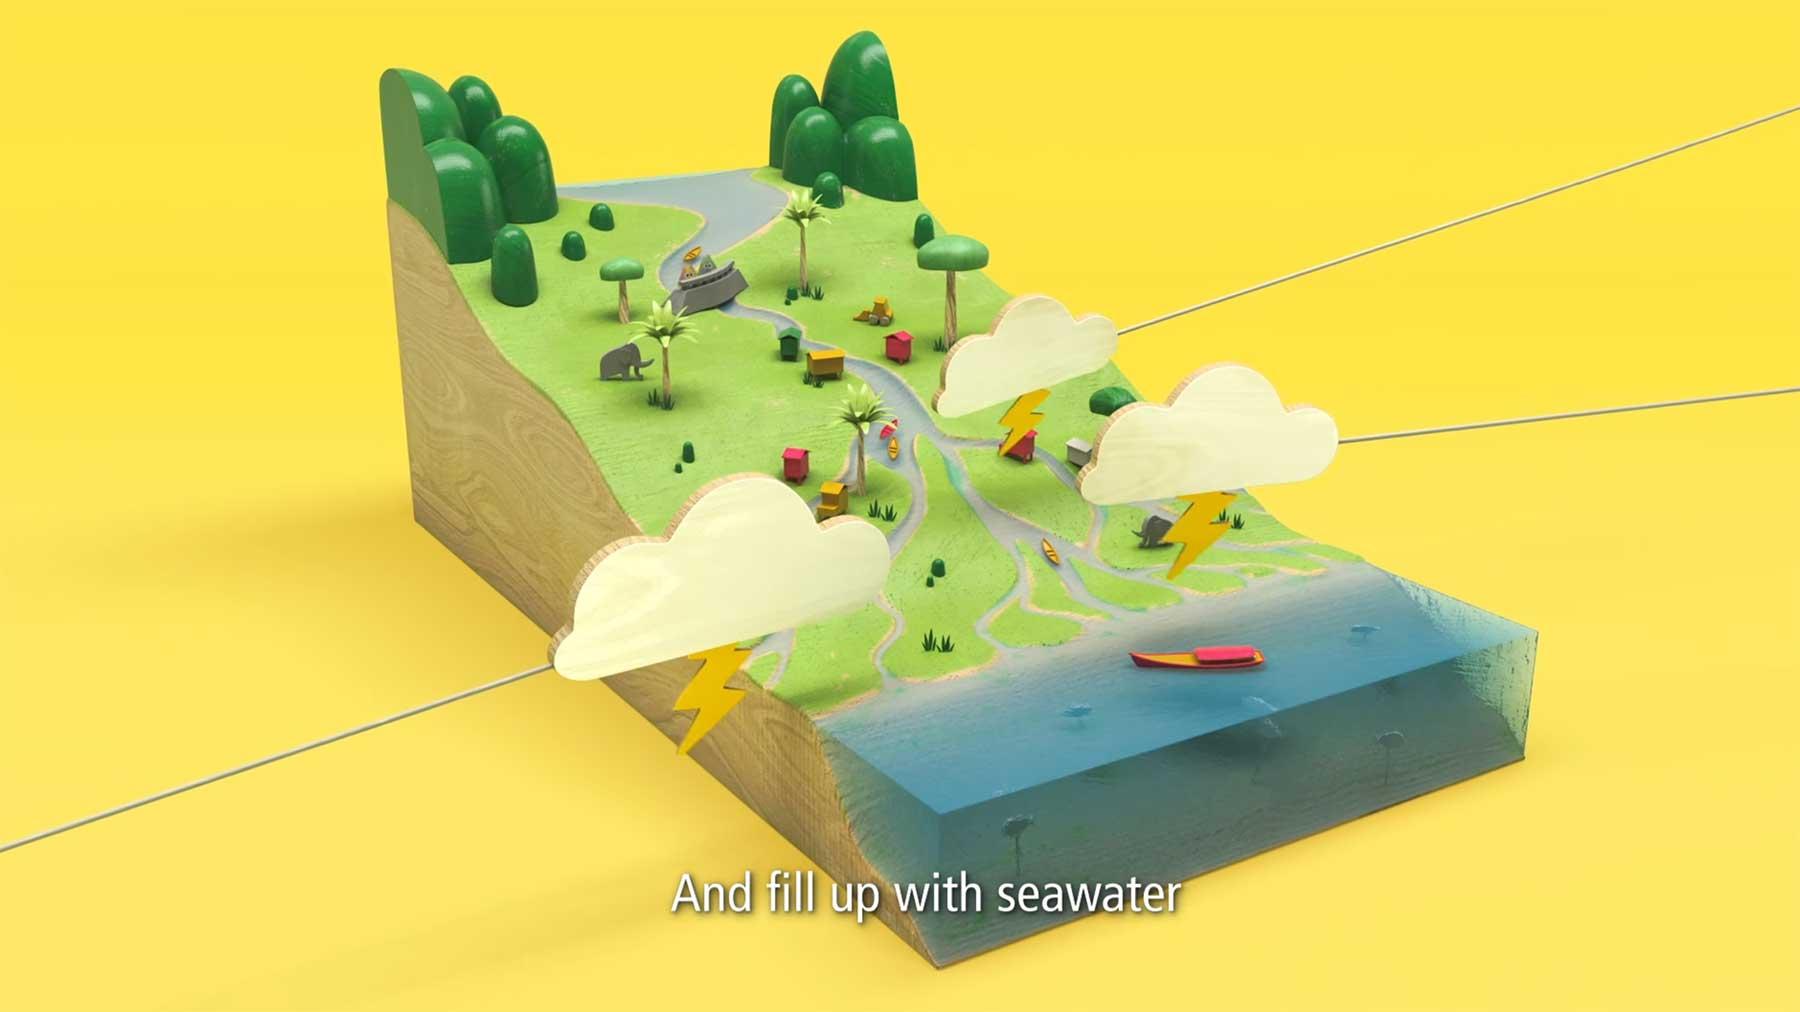 Wundervolle Animation zur geologischen Besonderheit in Myanmar Myanmars-sediment-super-heroes